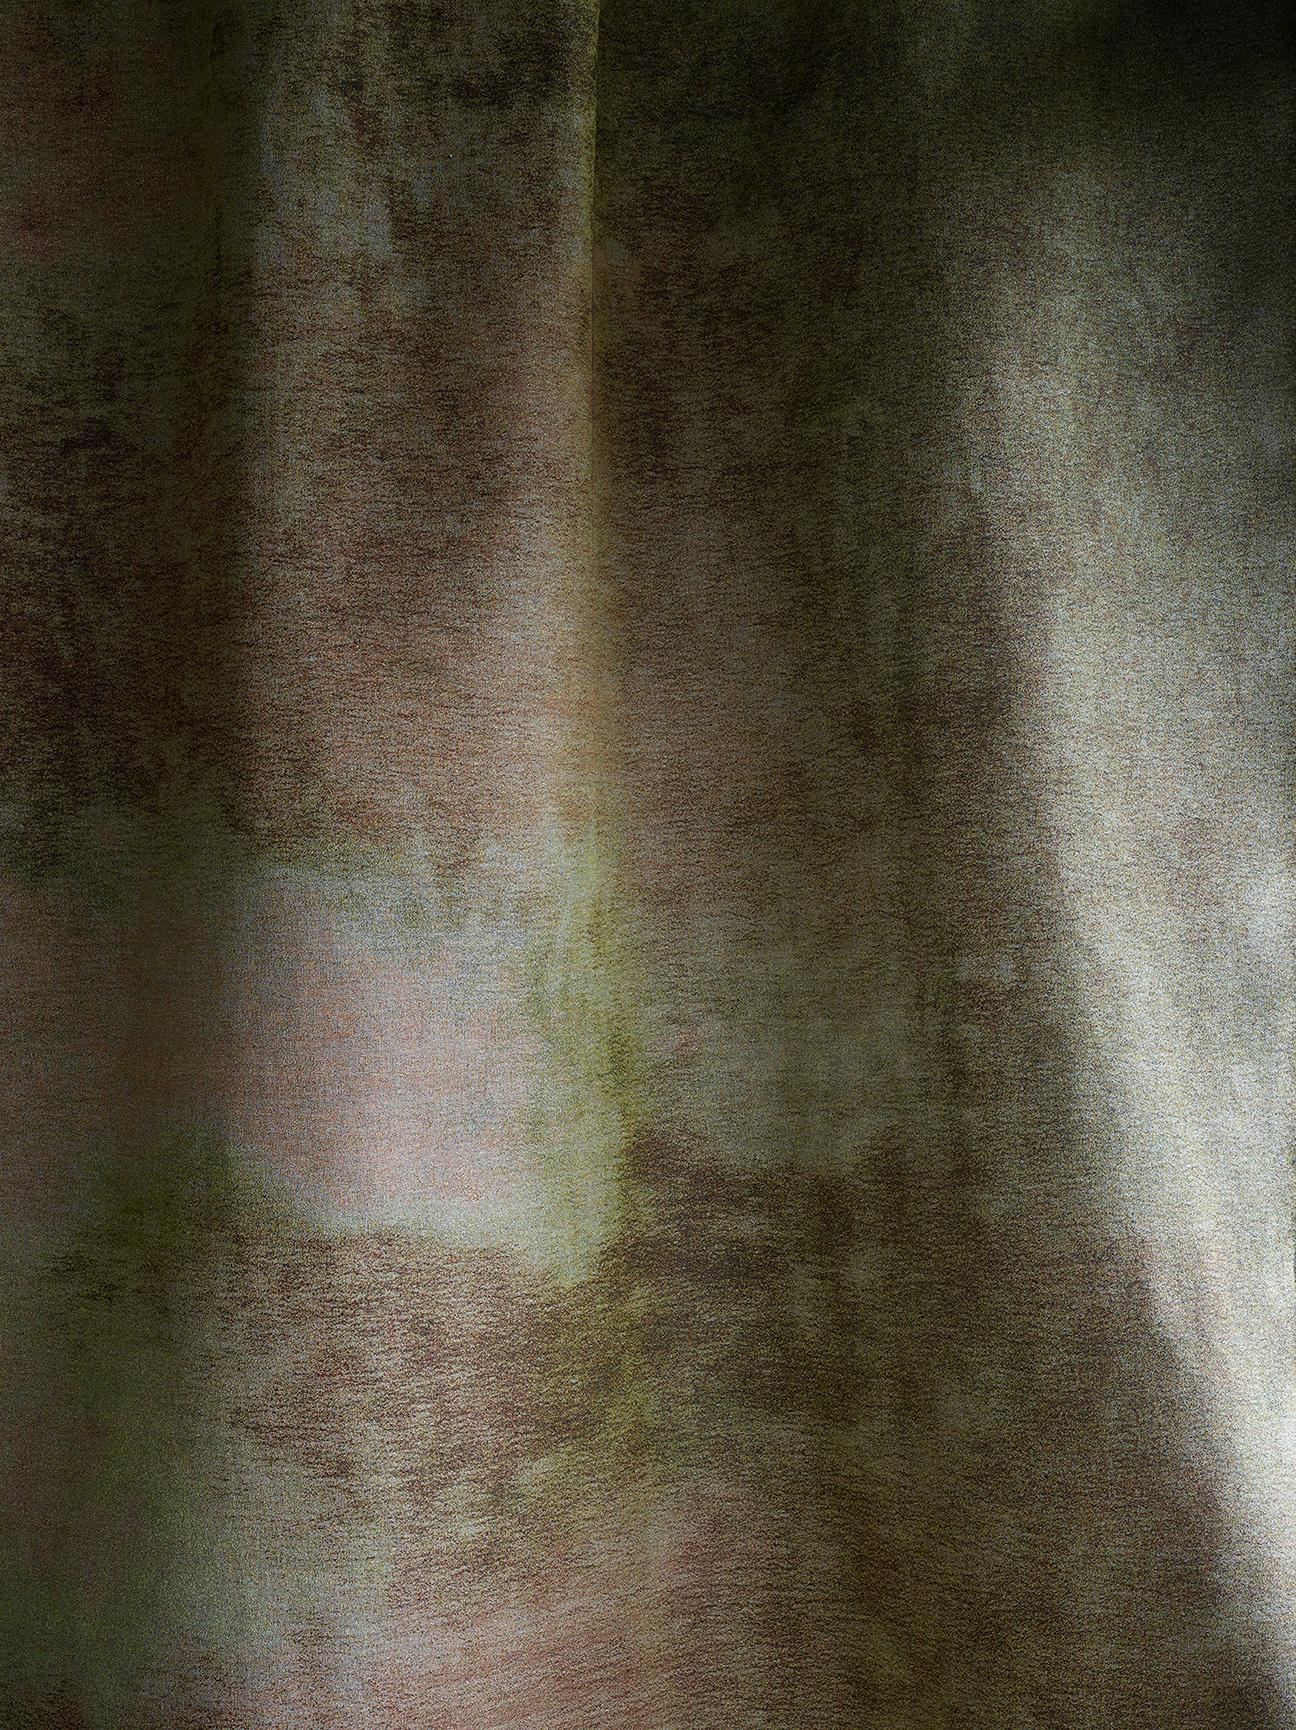 Watercolor_Brown_fabric length.jpg